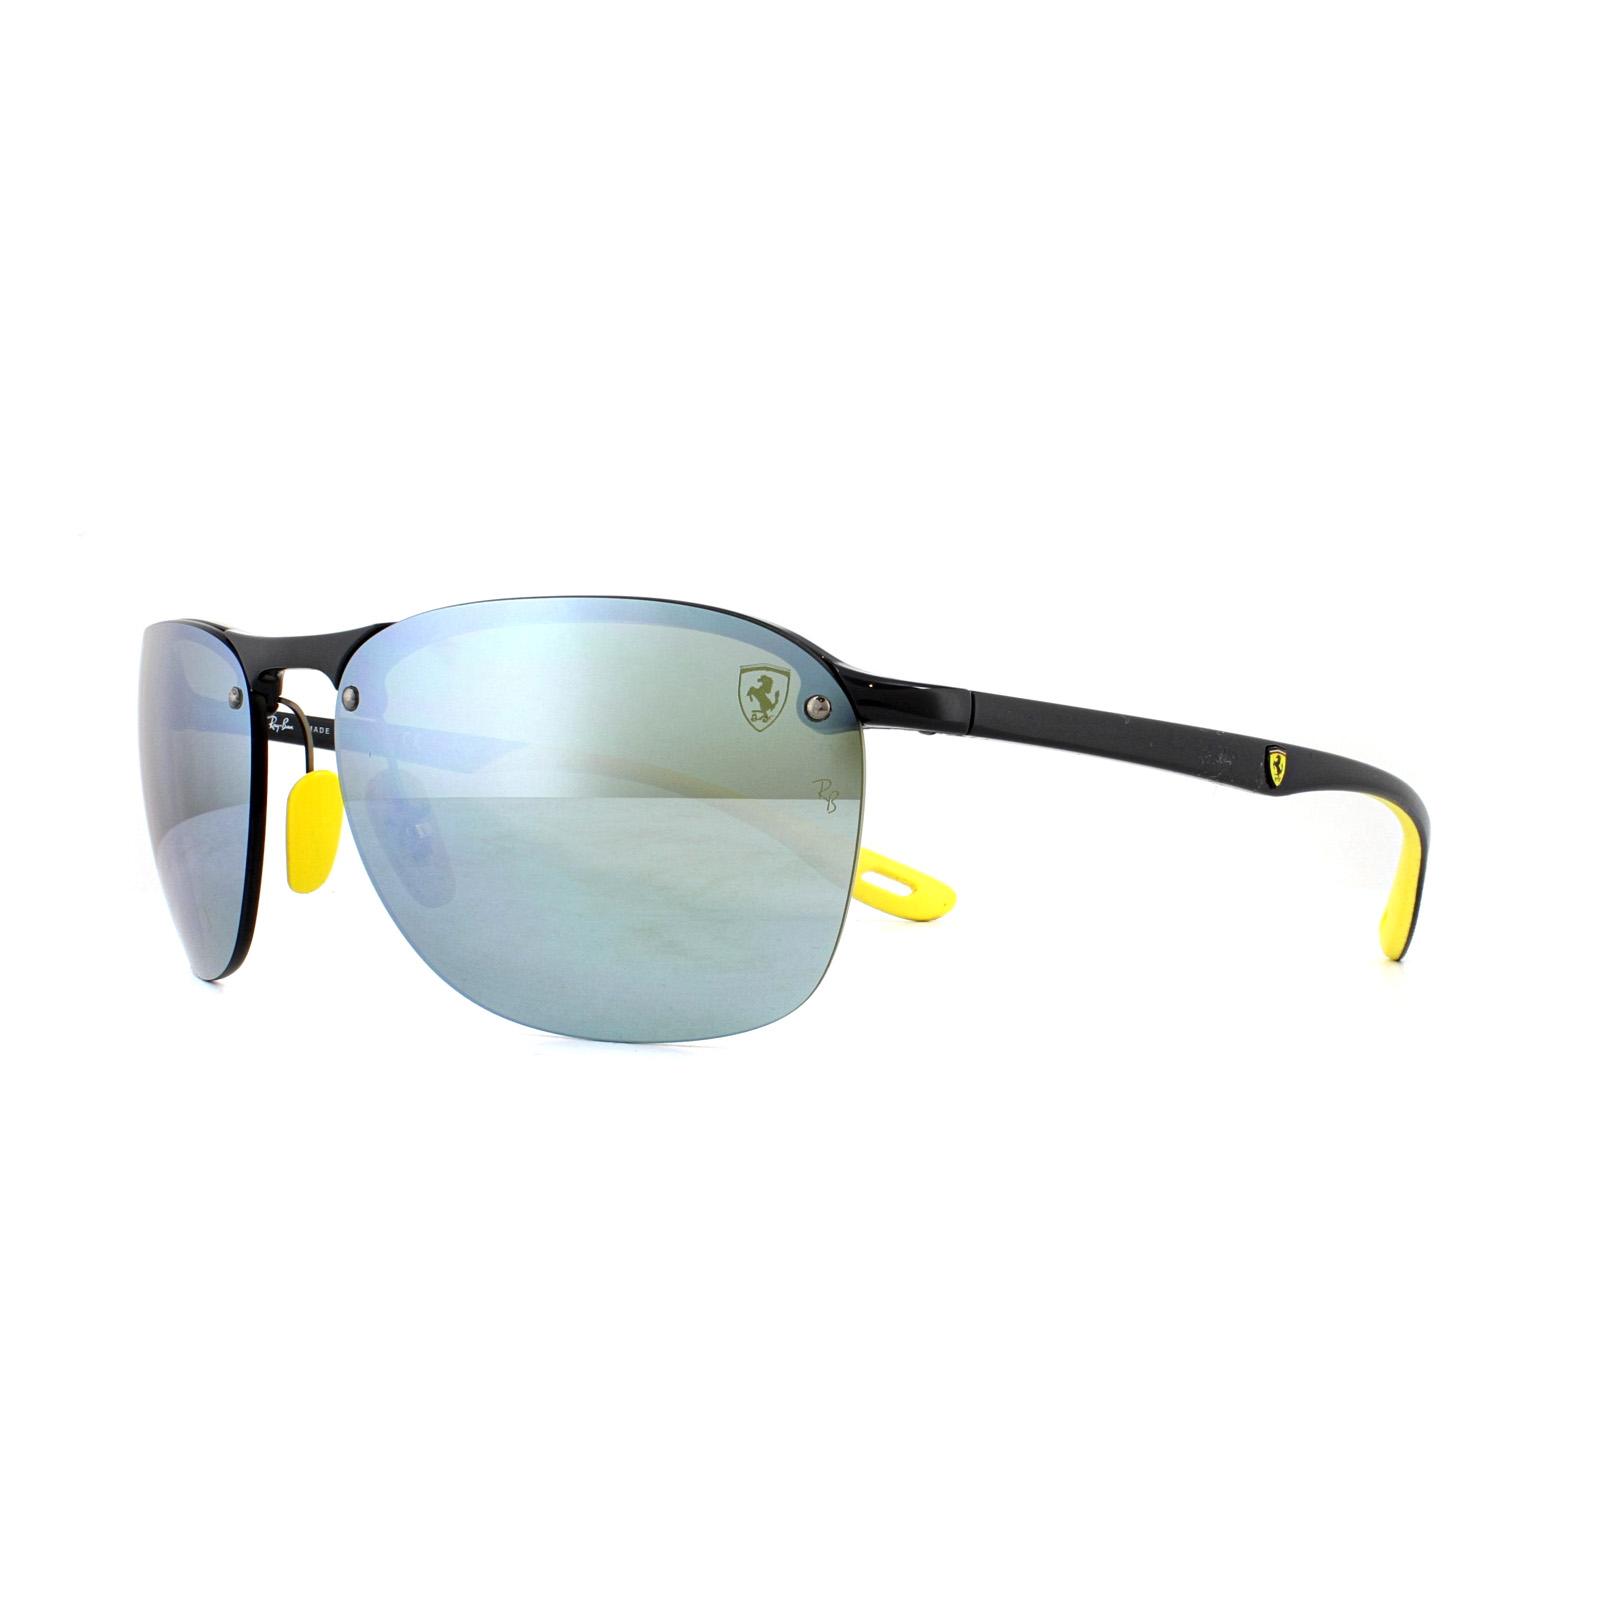 971fcf2932 Sentinel Ray-Ban Sunglasses Scuderia Ferrari RB4302M F624H1 Grey Silver  Mirror Chromance